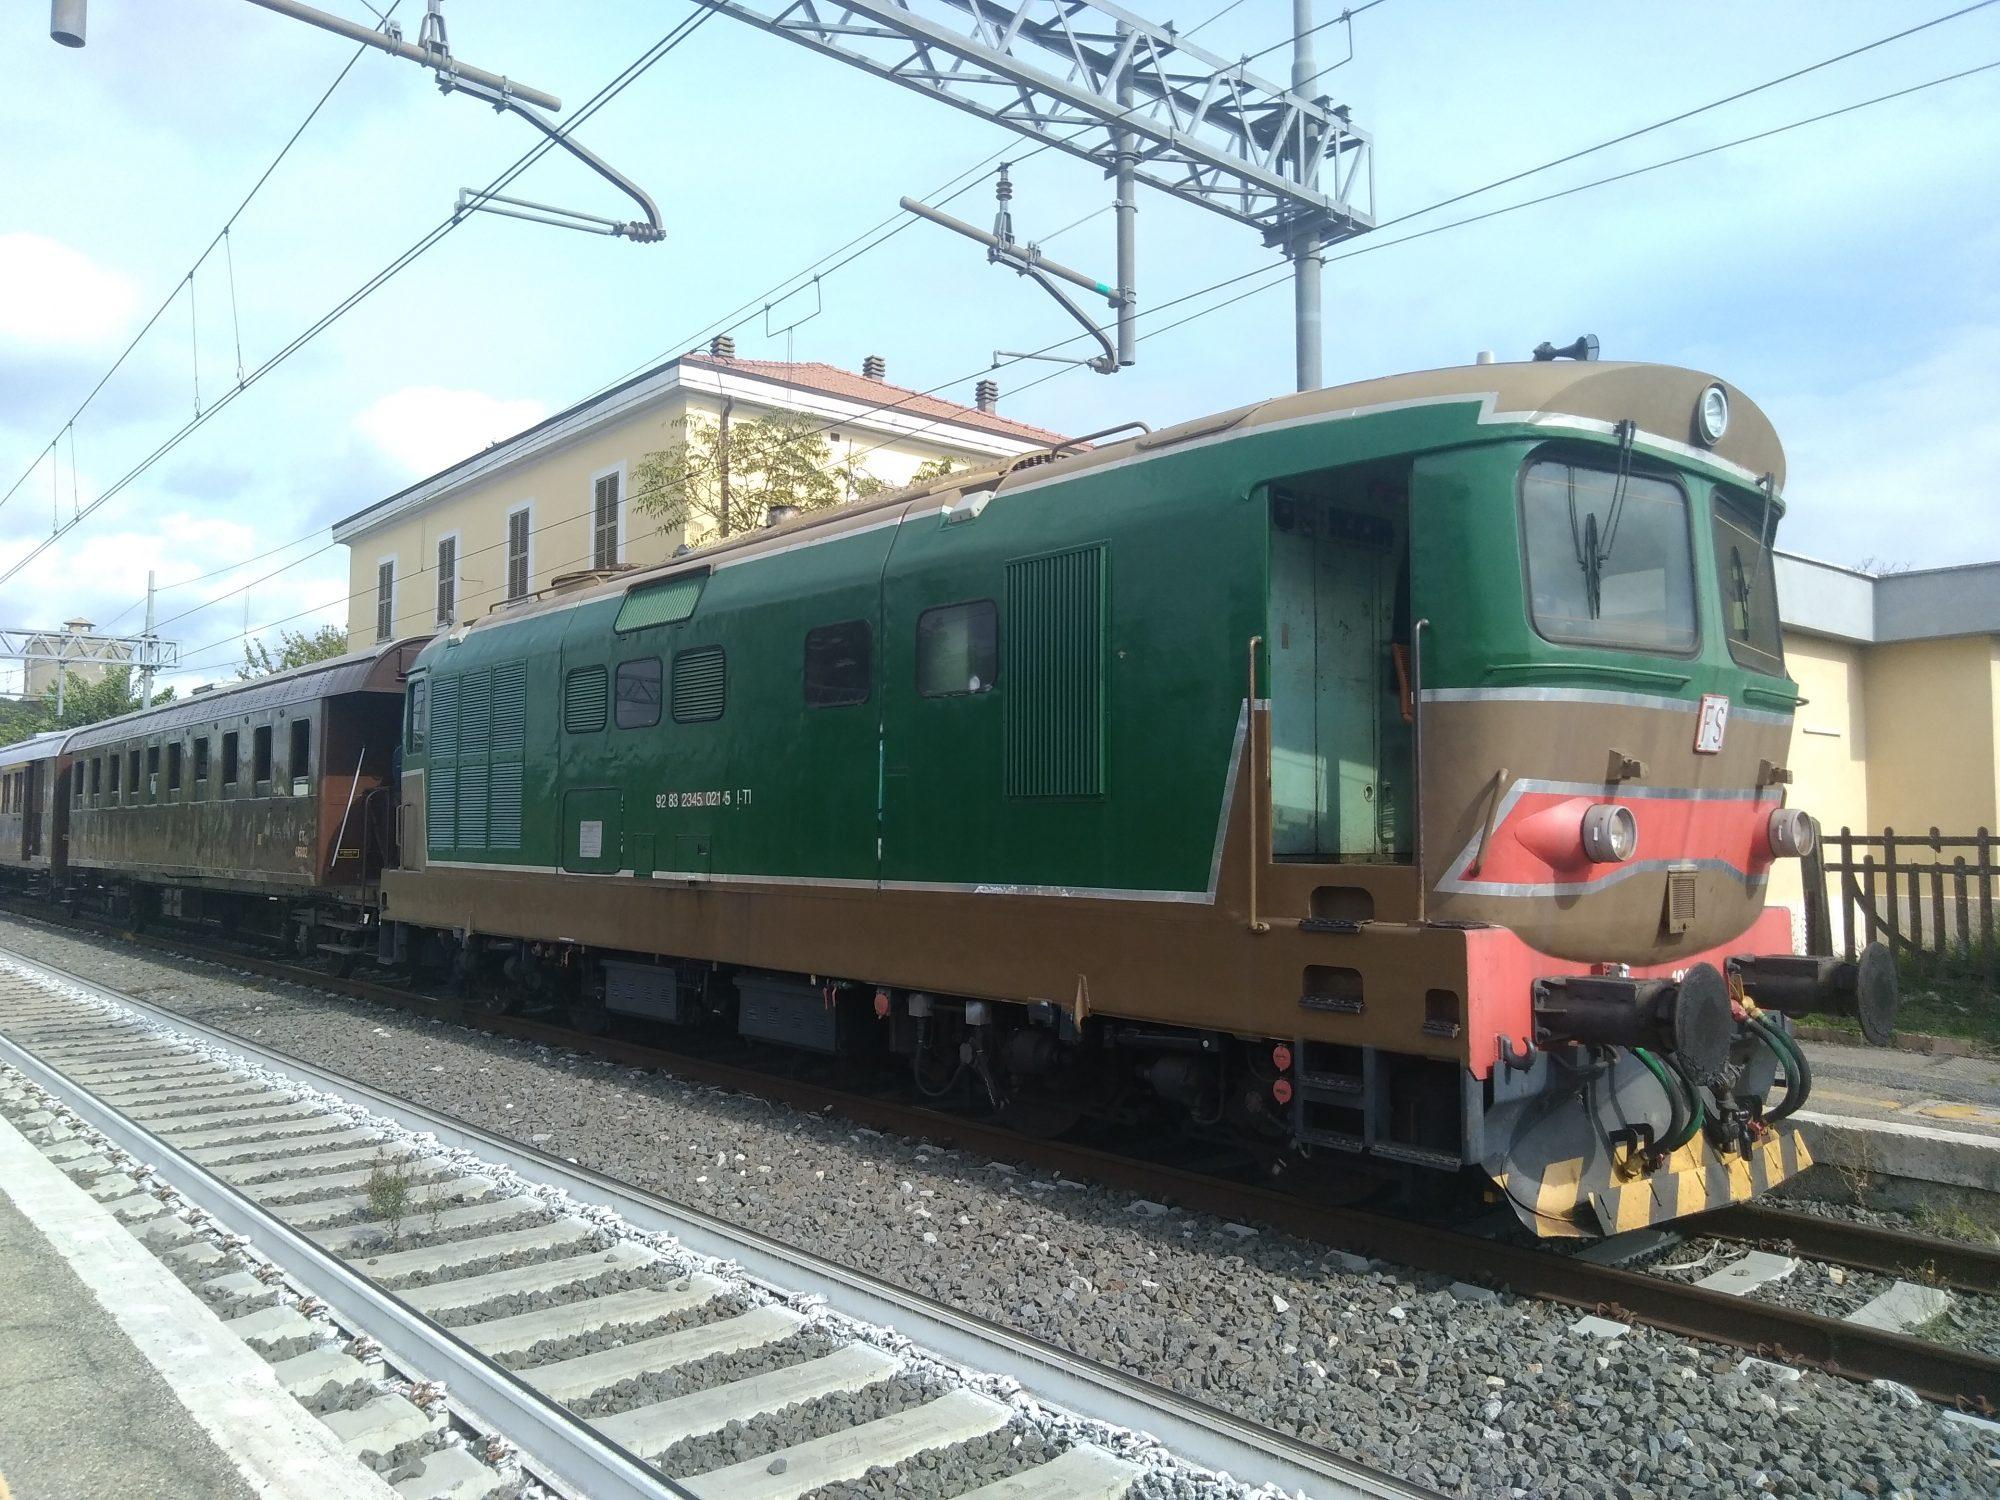 Con Terra Tua Domenica 22 dicembre viaggio in treno storico tra Roma e Viterbo. Per viaggiare slow e vivere l'atmosfera di Natale della Città dei Papi